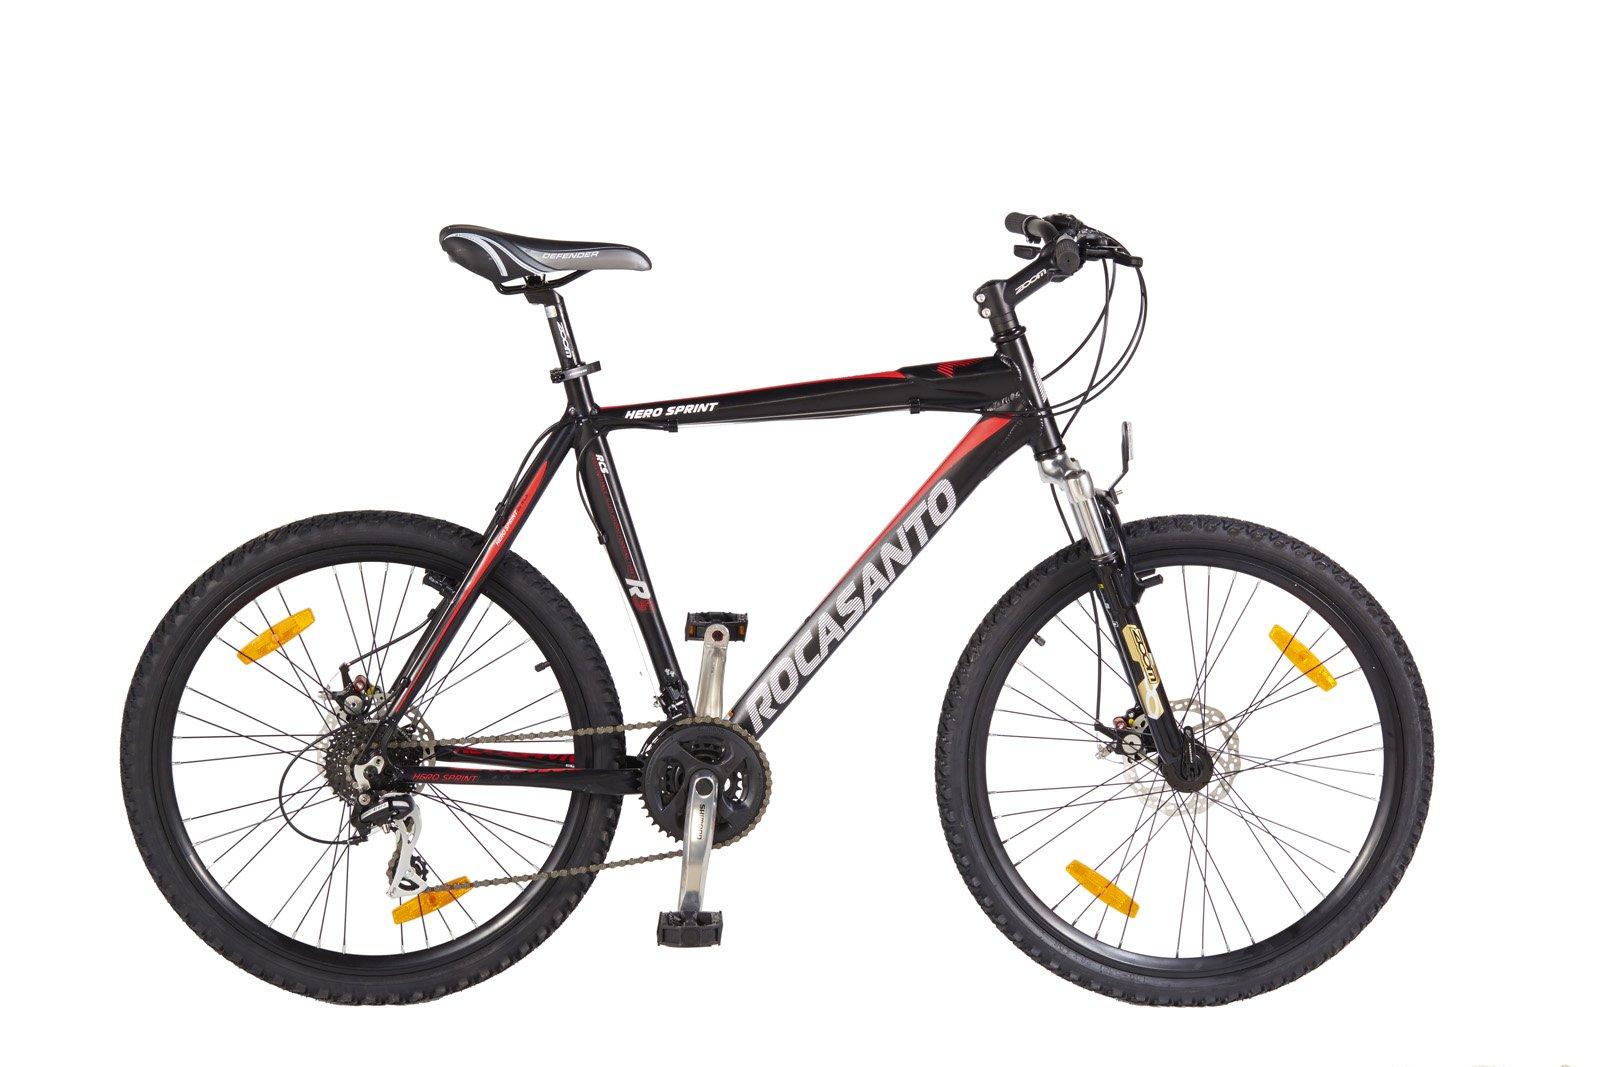 Rocasanto Bike - Bicicleta montaña hero sprint, tamaño 17, color ...